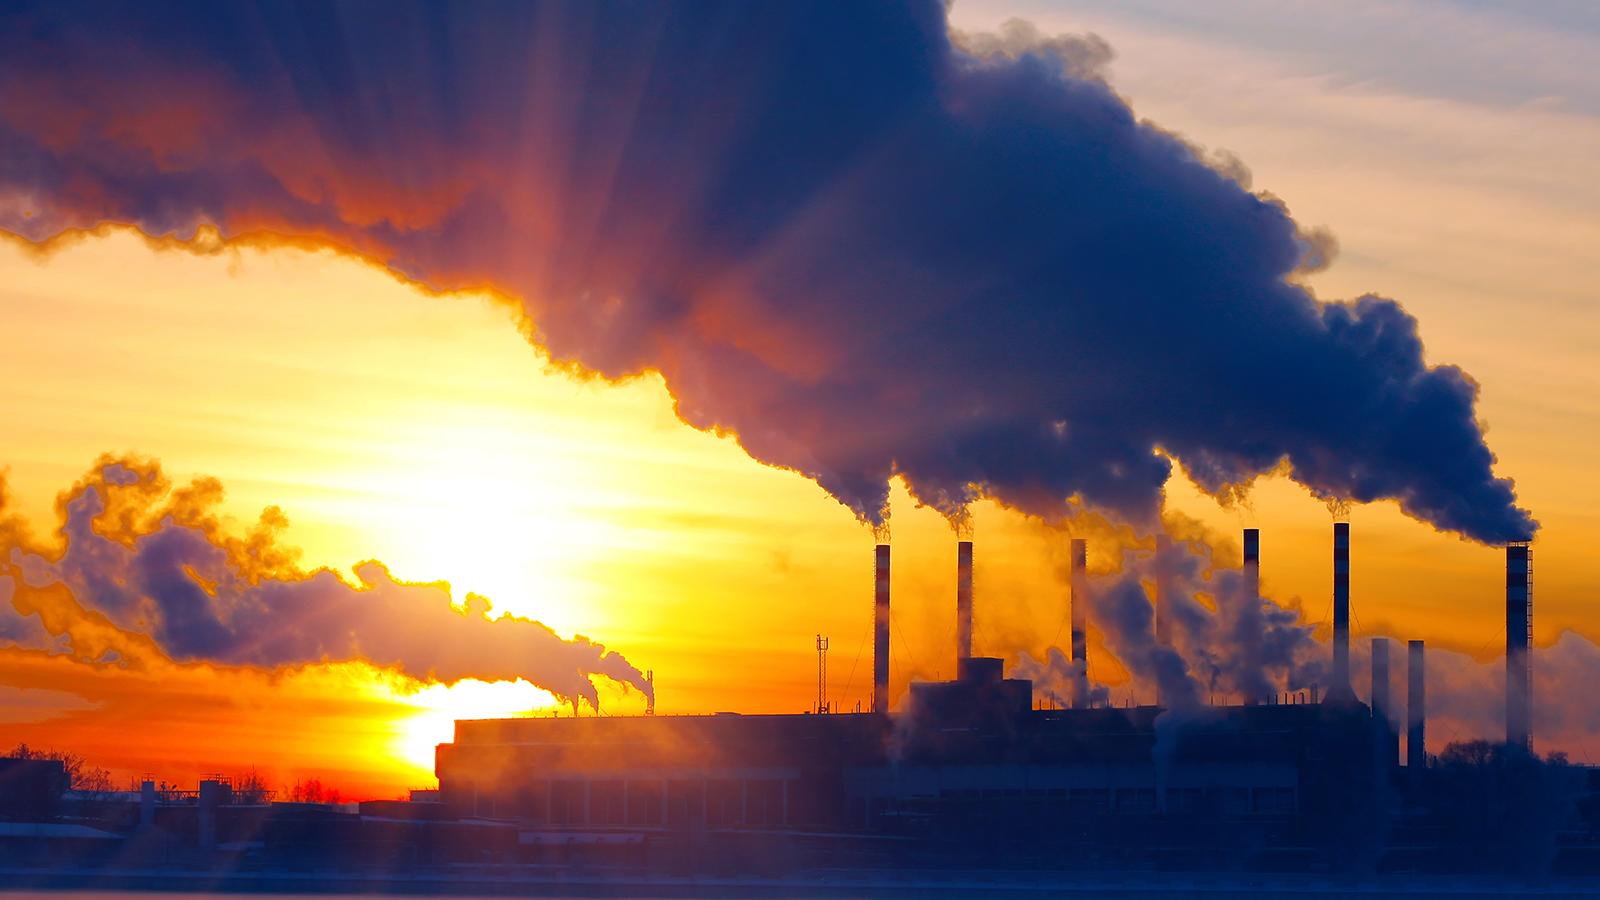 ΕΕ: Εγκρίθηκε το σχέδιο δράσης για μηδενική ρύπανση